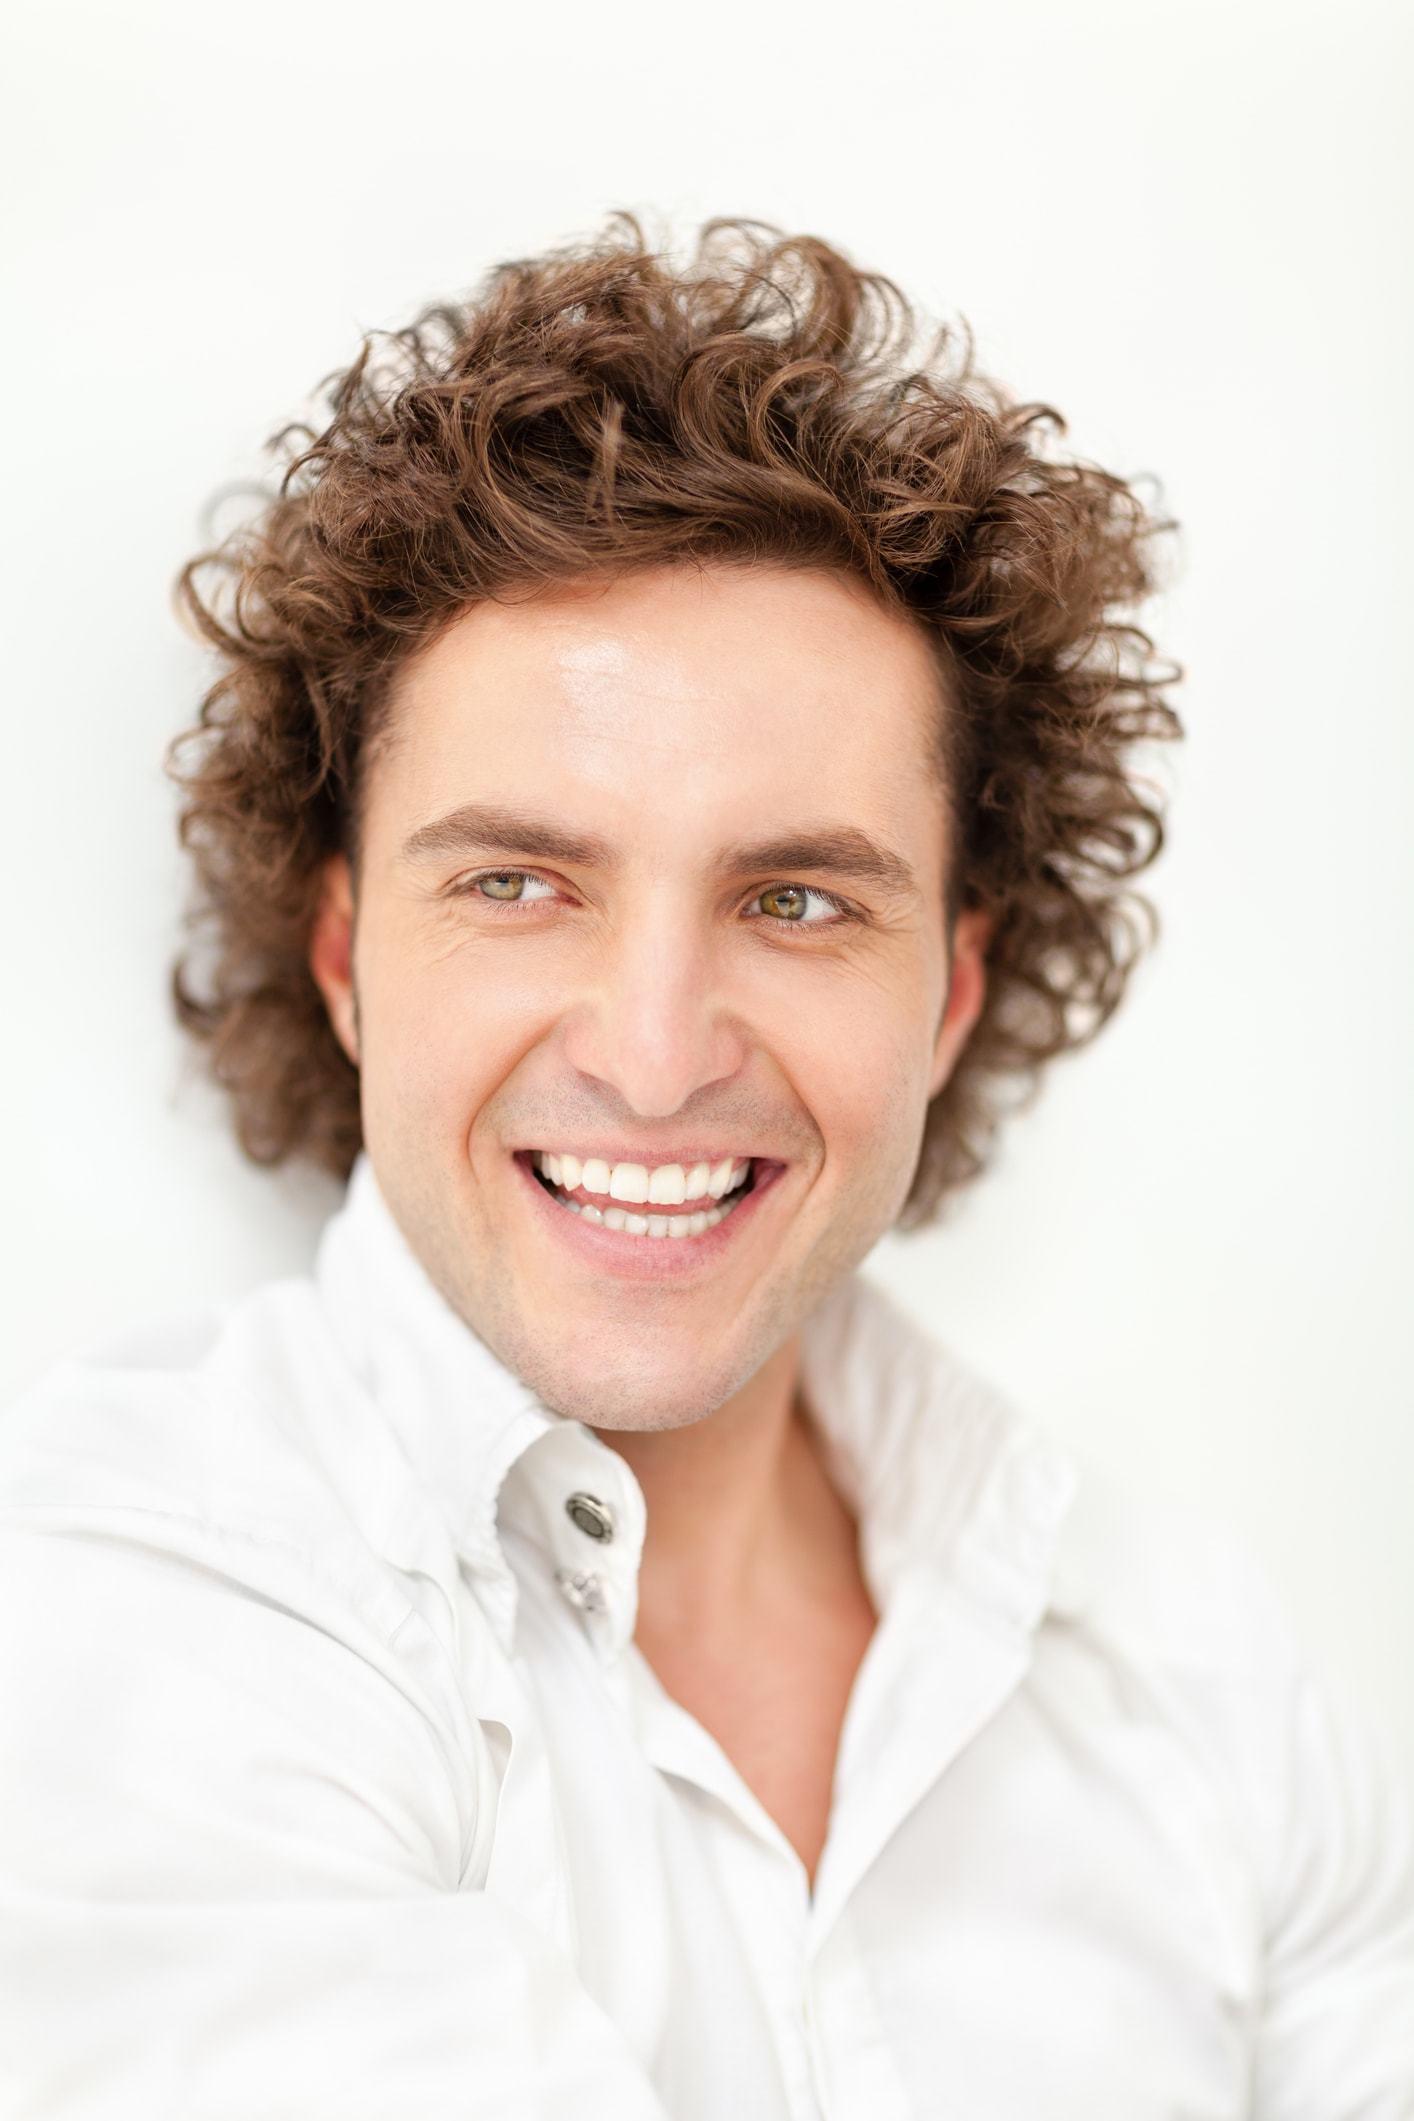 Homme avec coiffure de perm homme marron marron peigné